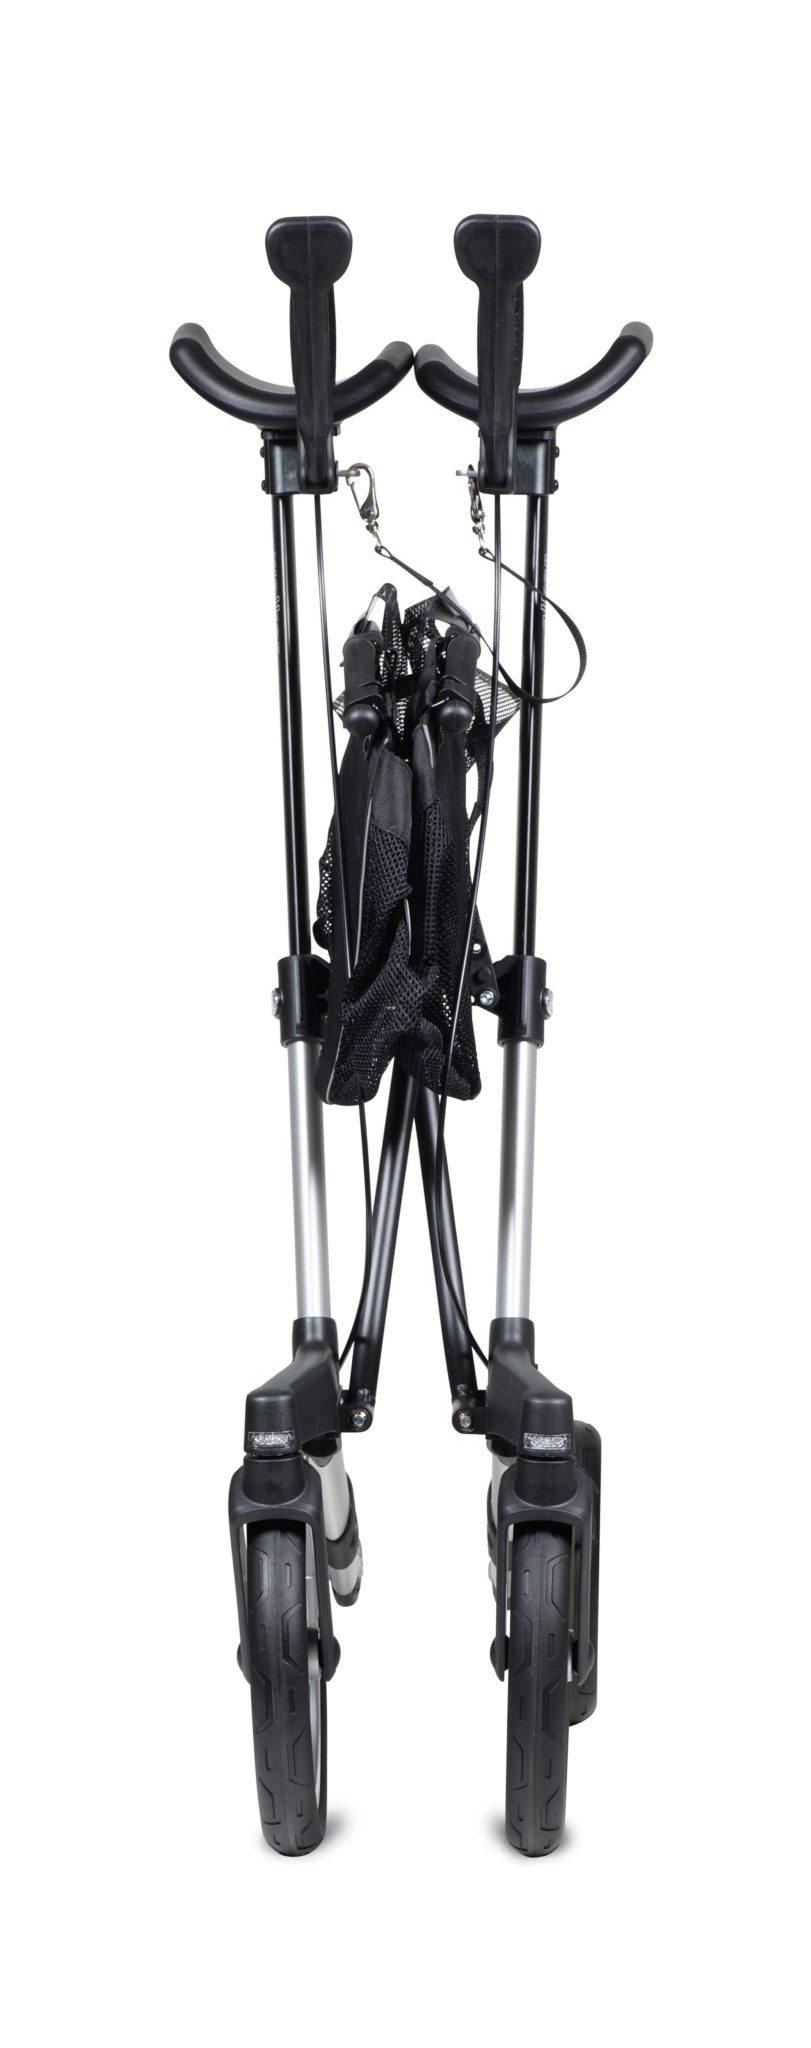 Gemino 60 Walker van Sunrise Medical met onderarmschalen en luchtbanden